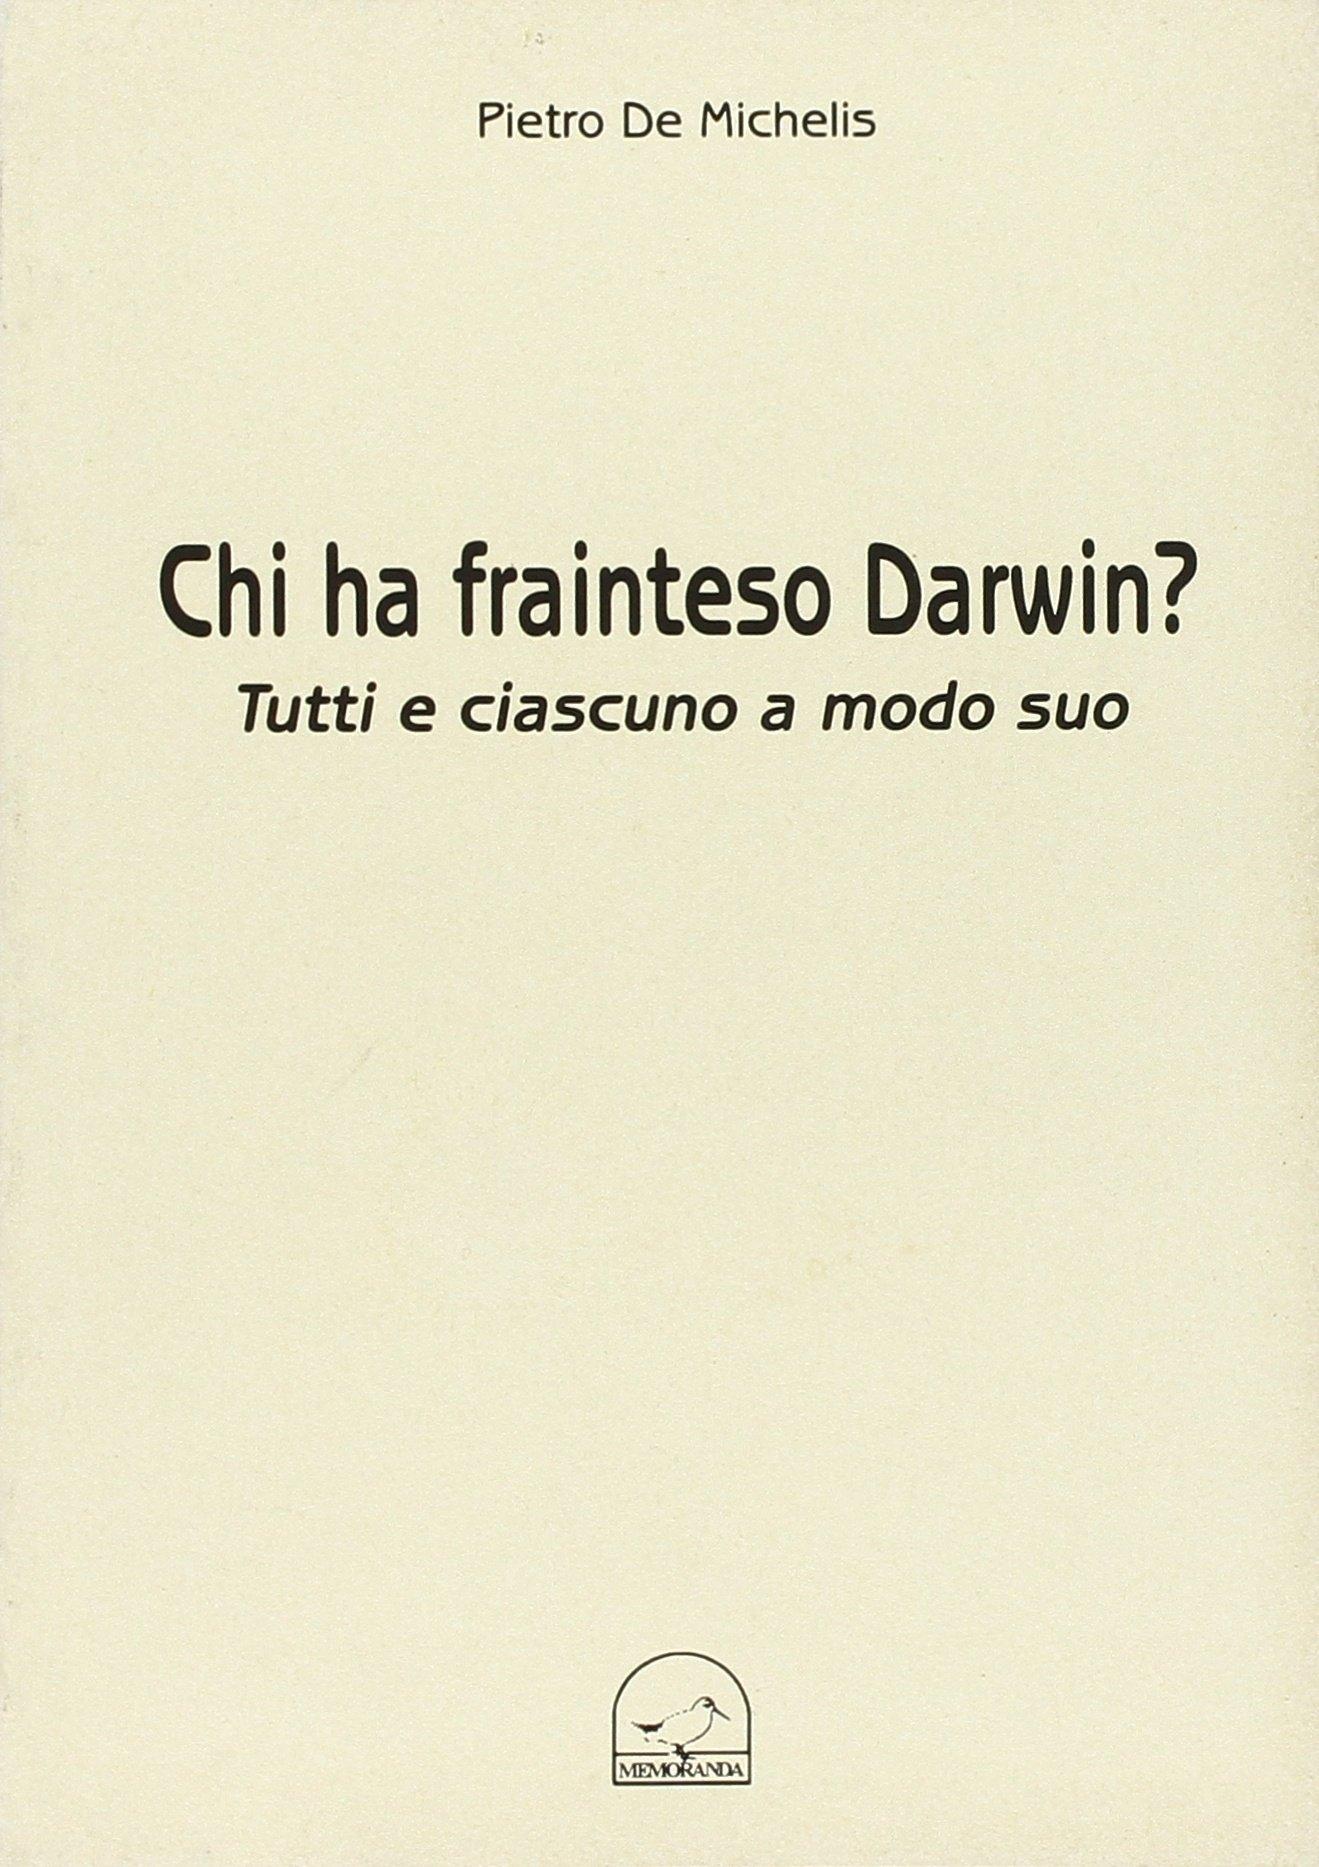 Chi ha frainteso Darwin? Tutti e ciascuno a modo suo